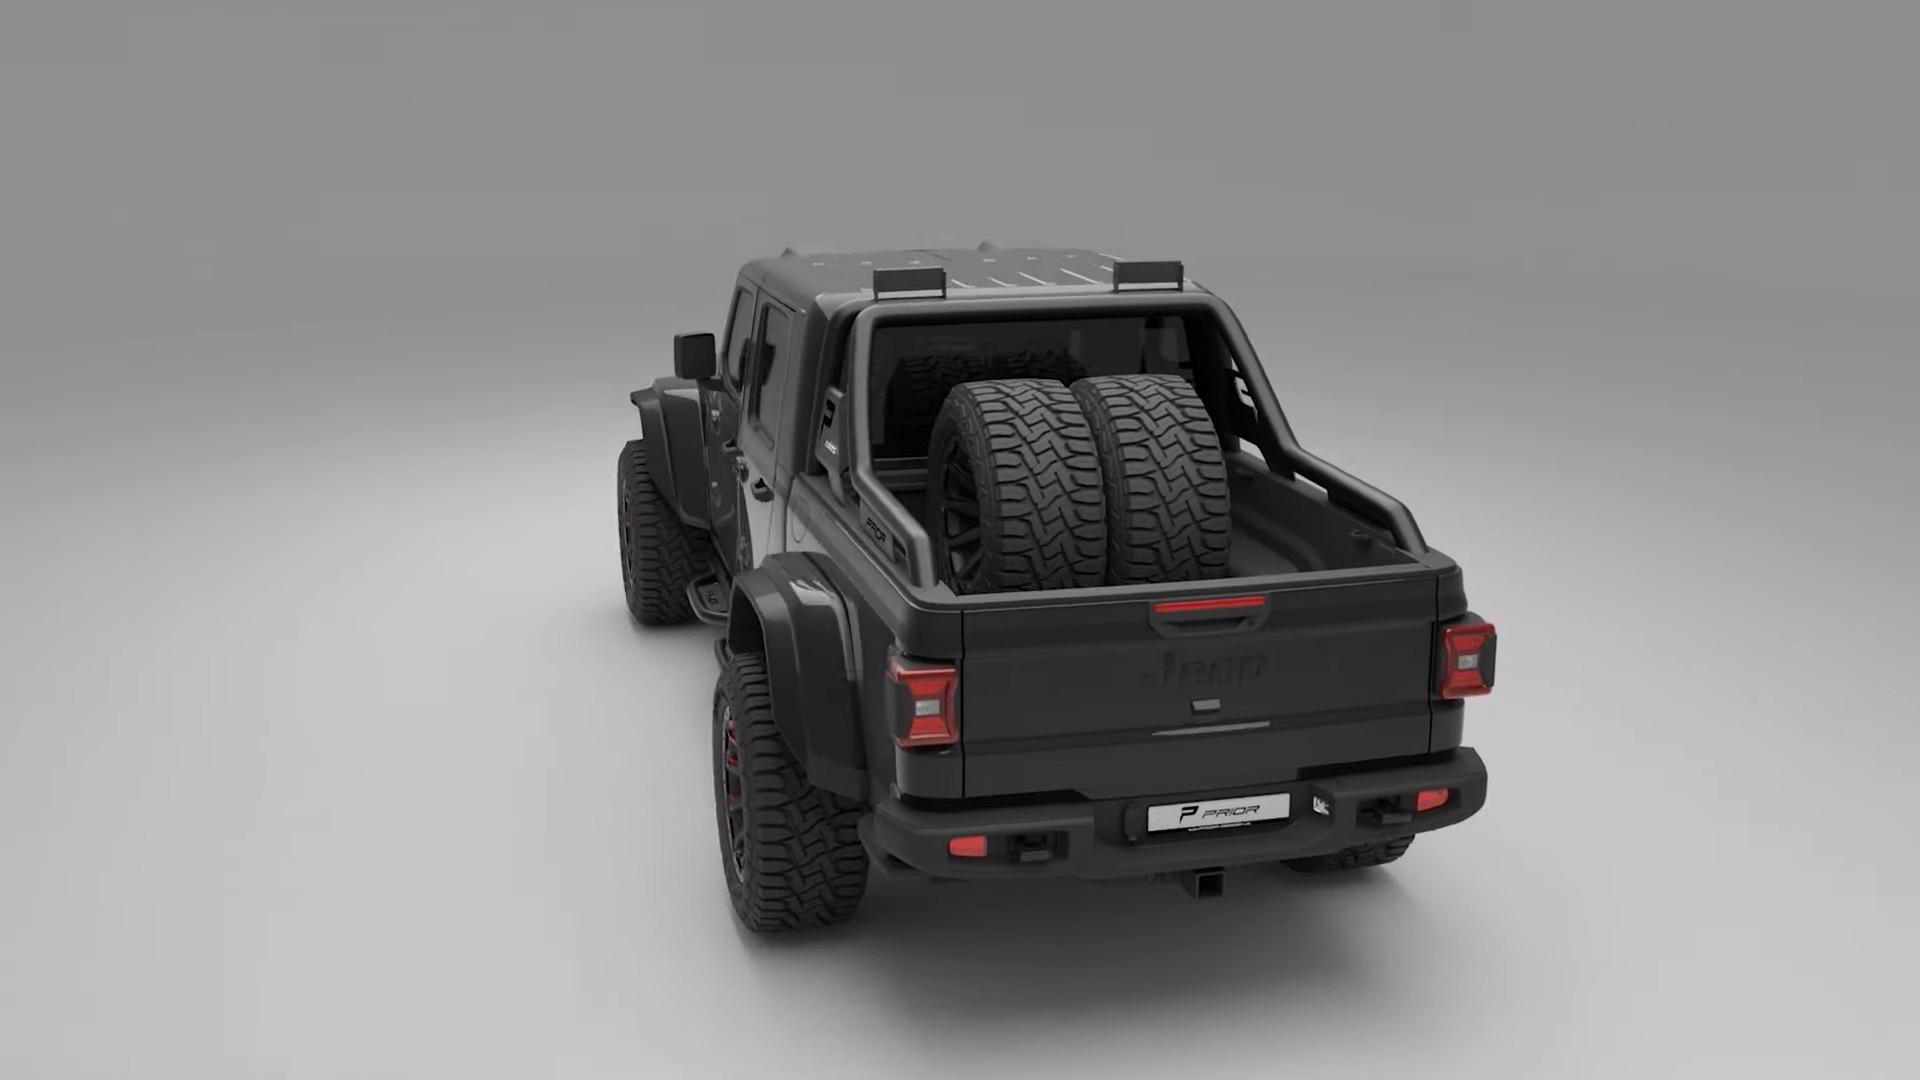 Jeep_Gladiator_Rubicon_by_Prior_Design-0013